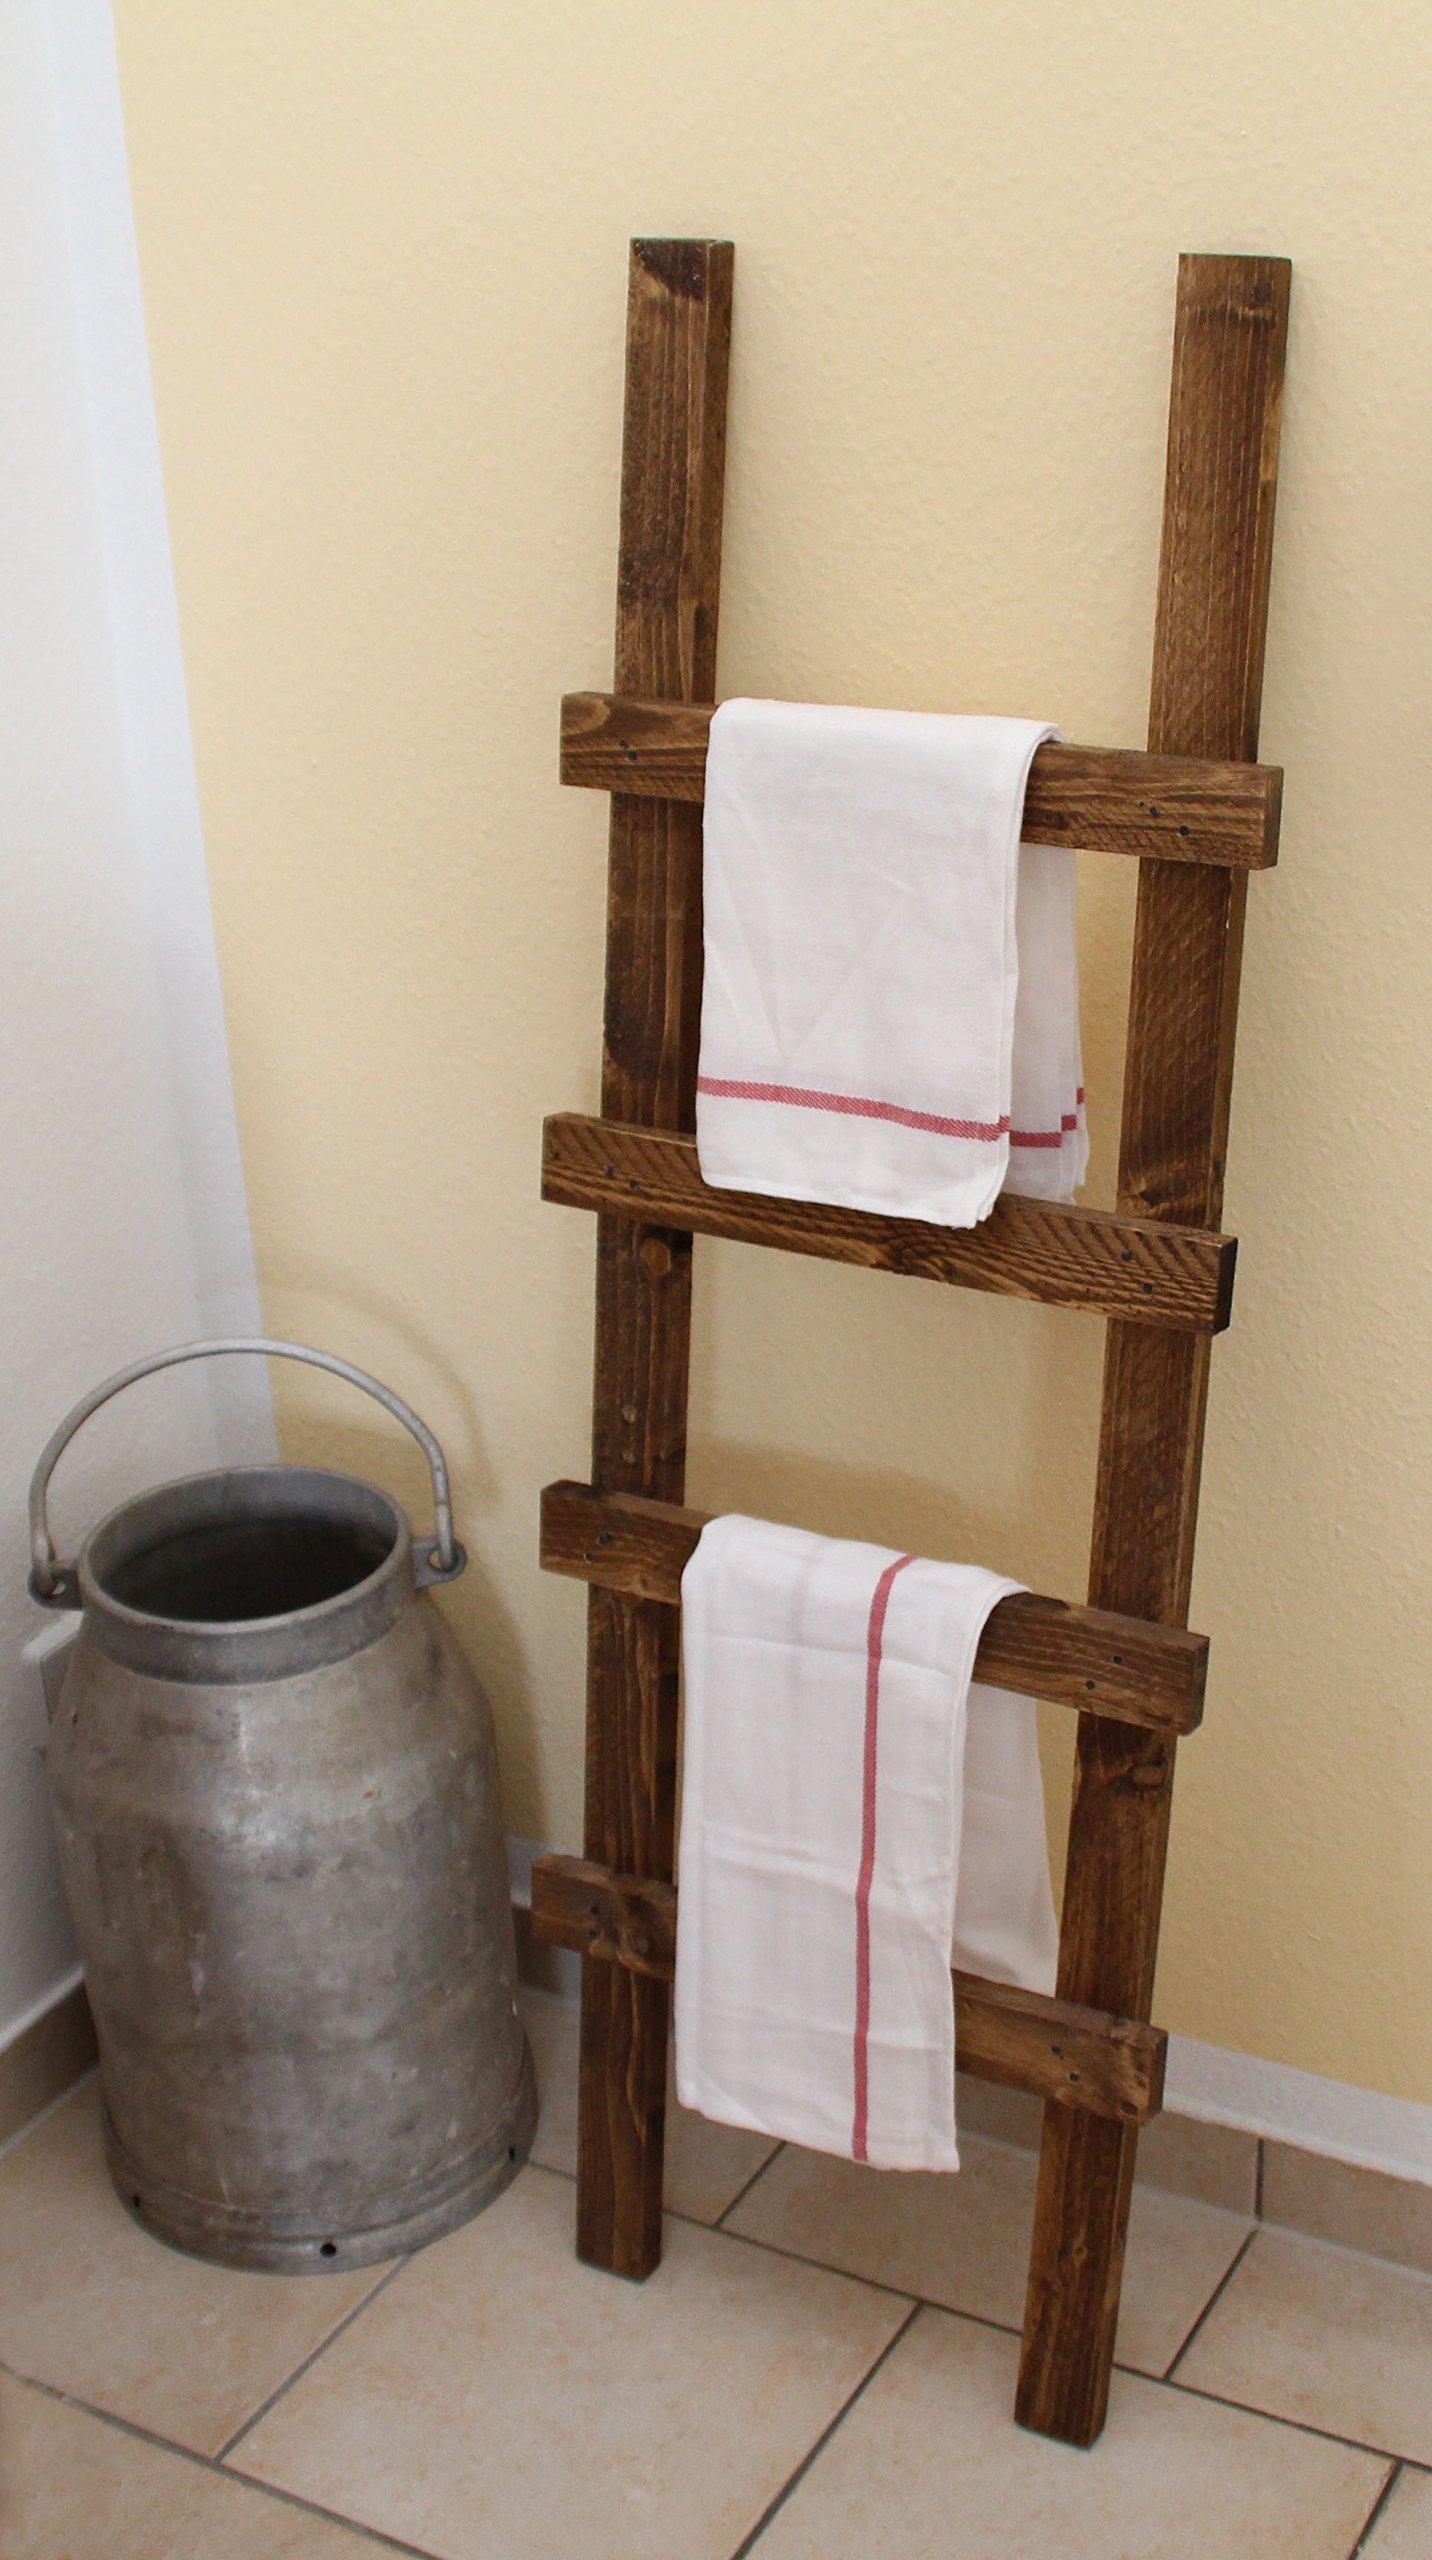 Uncle Joes Deko Escalera toallero, Vintage, Shabby Chic Madera 118 x 39 x 5 cm, Color marrón Oscuro: Amazon.es: Hogar